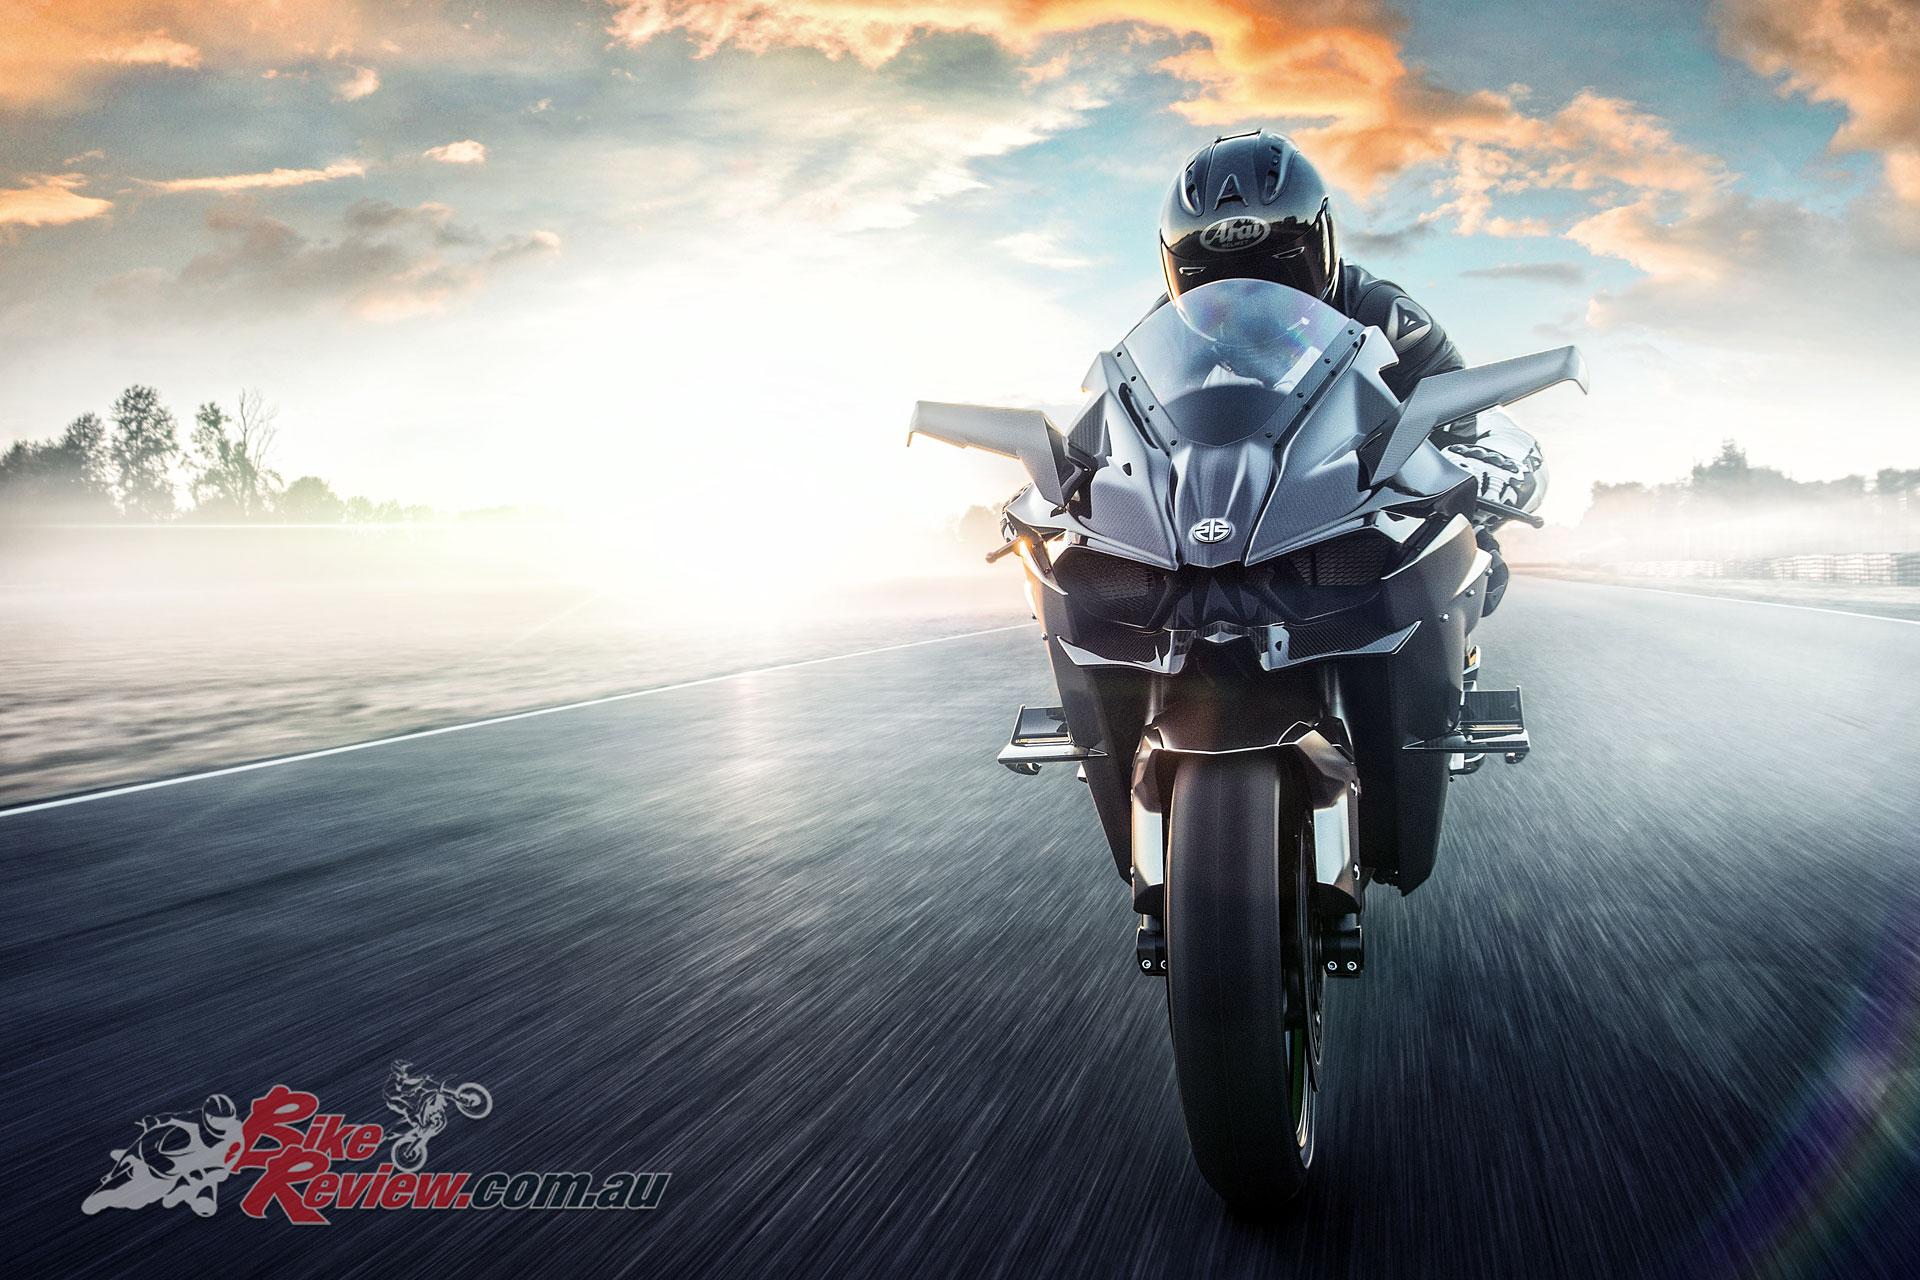 2019 Kawasaki Ninja H2R